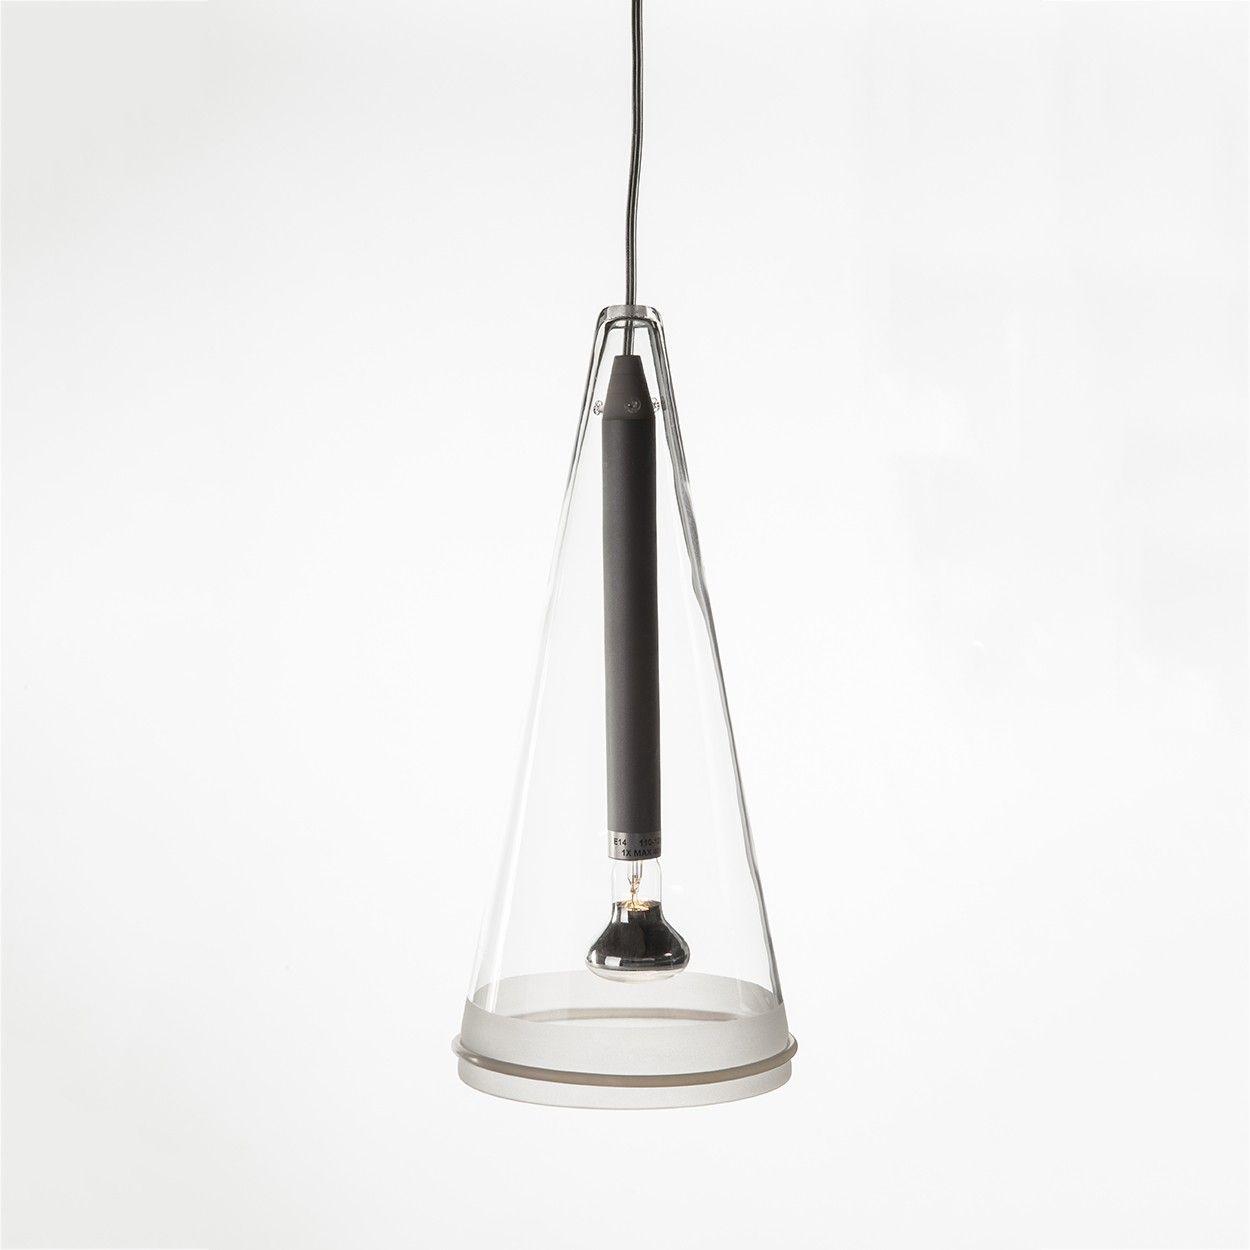 Fucsia 1 Suspension Light